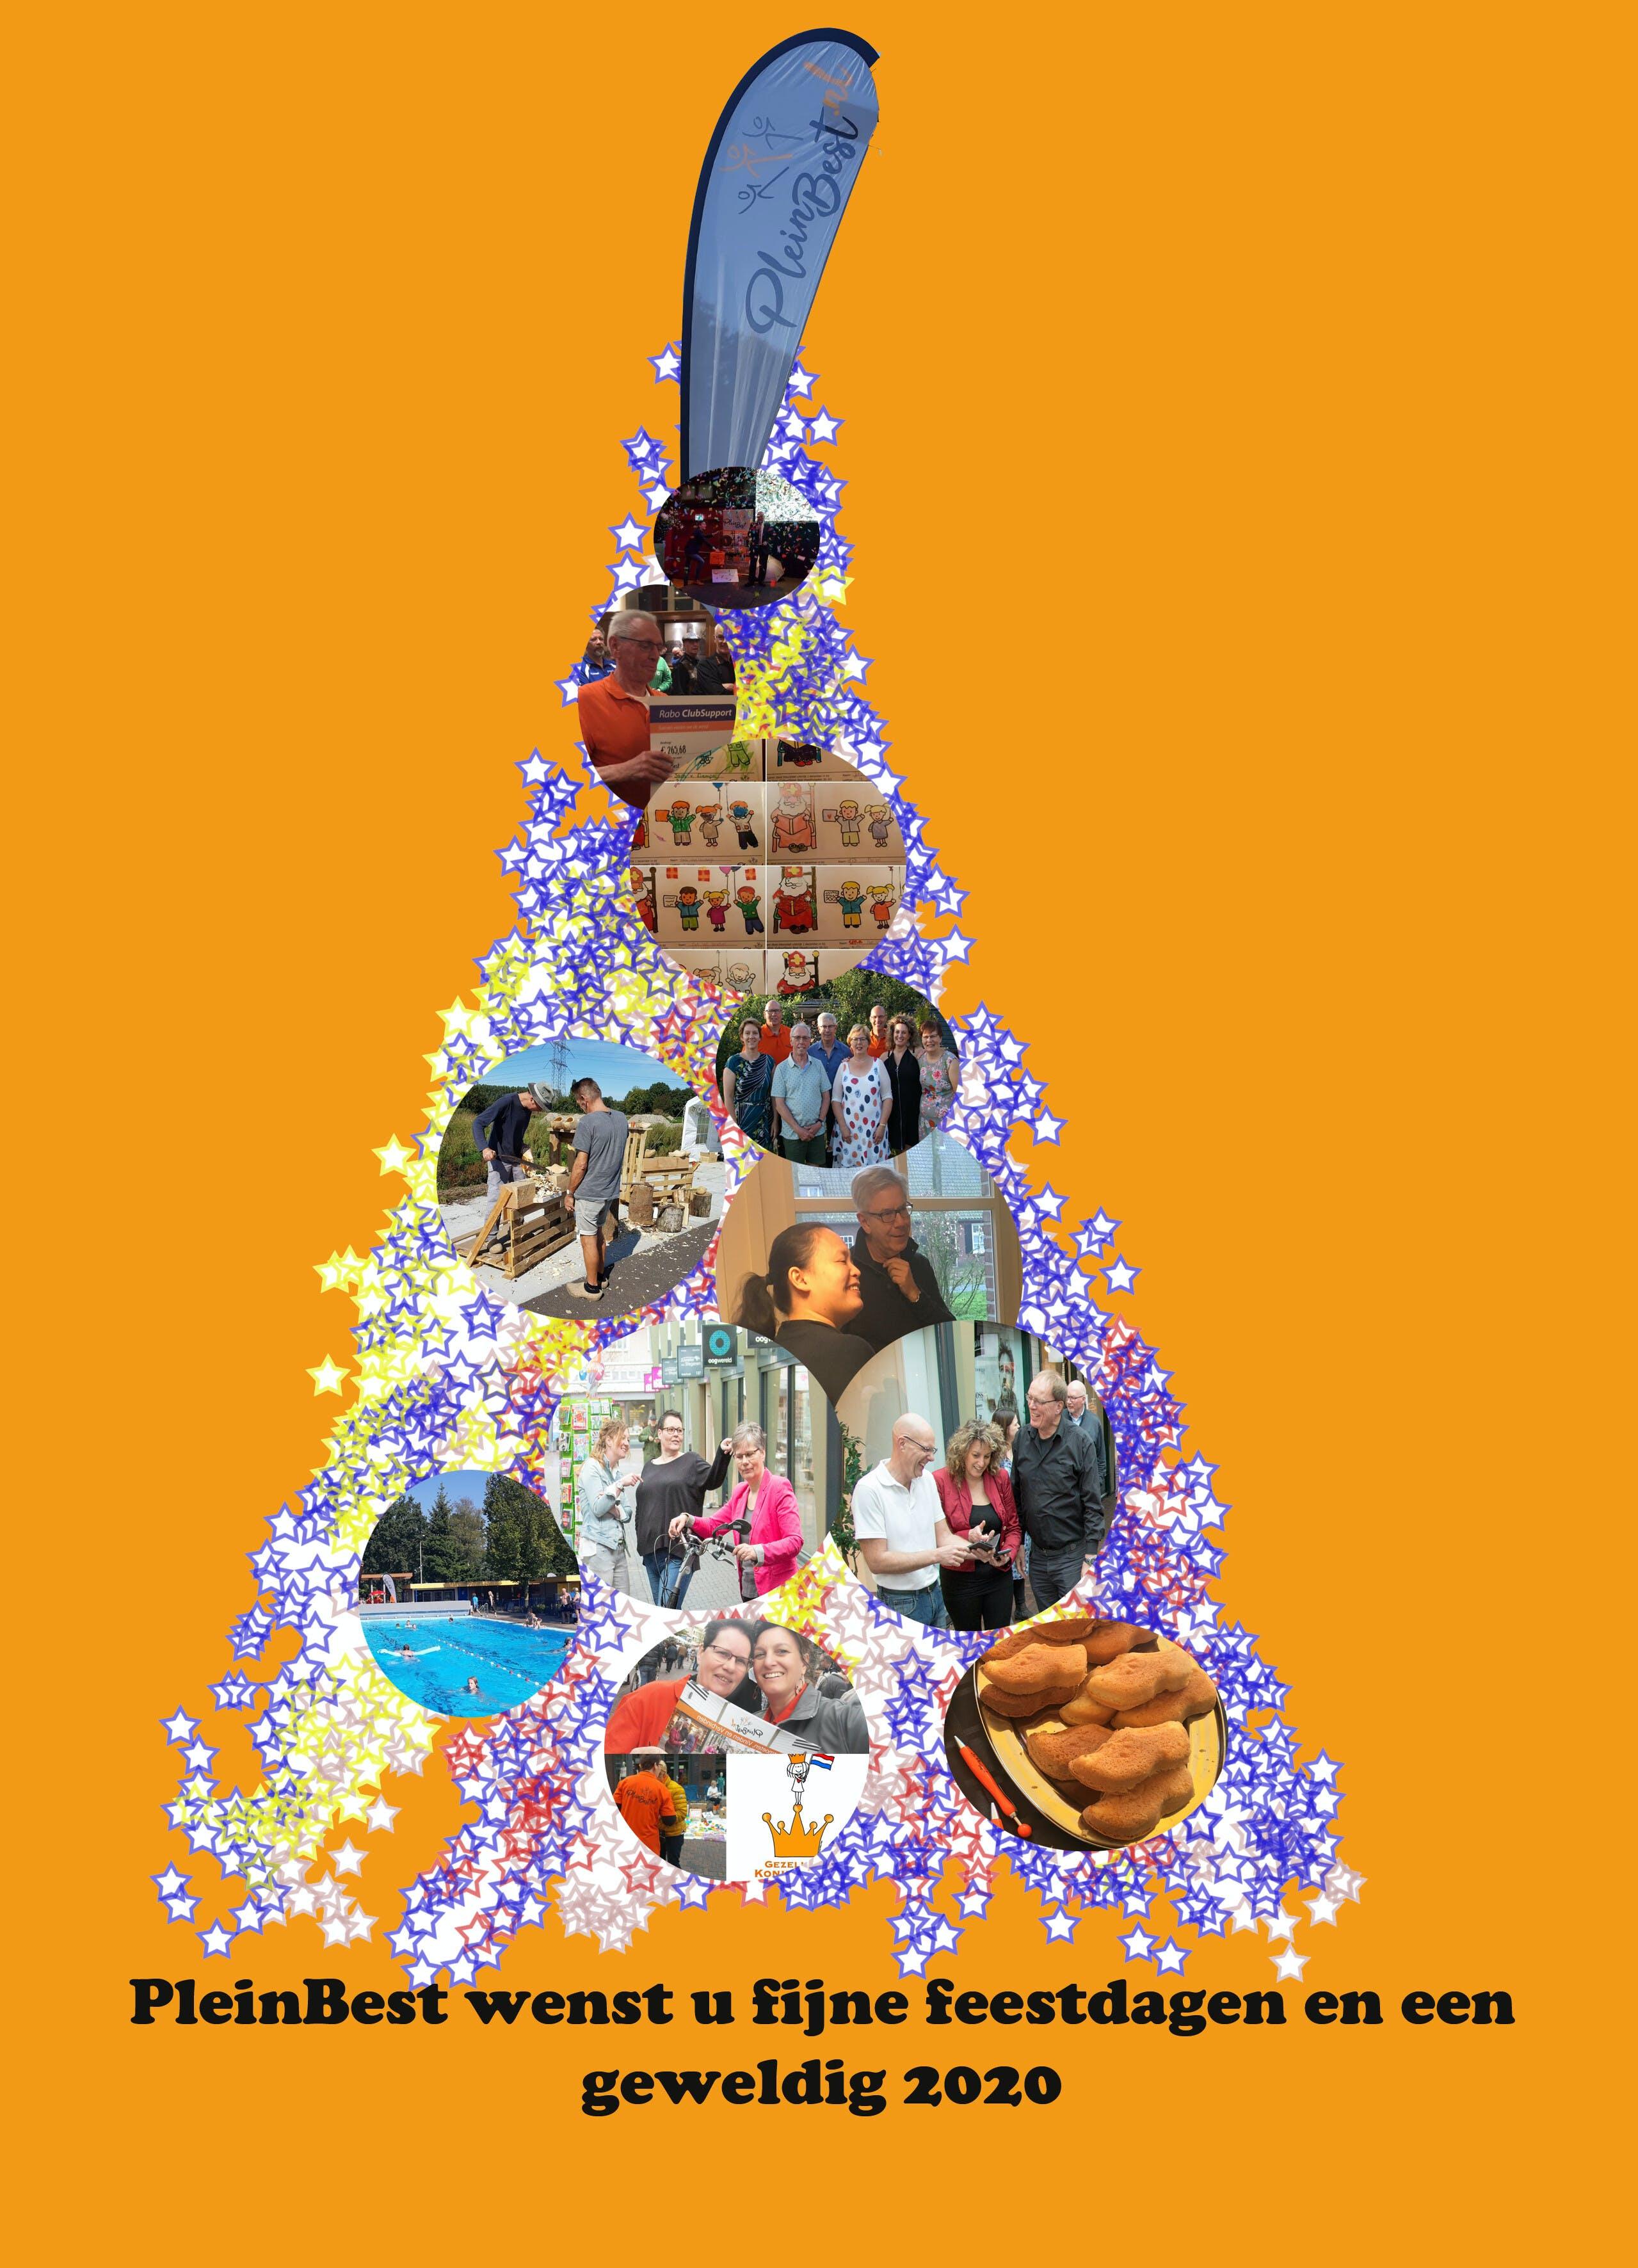 Fijne Feestdagen En Een Gelukkig Nieuwjaar In Berichten Op Pleinbest Nl